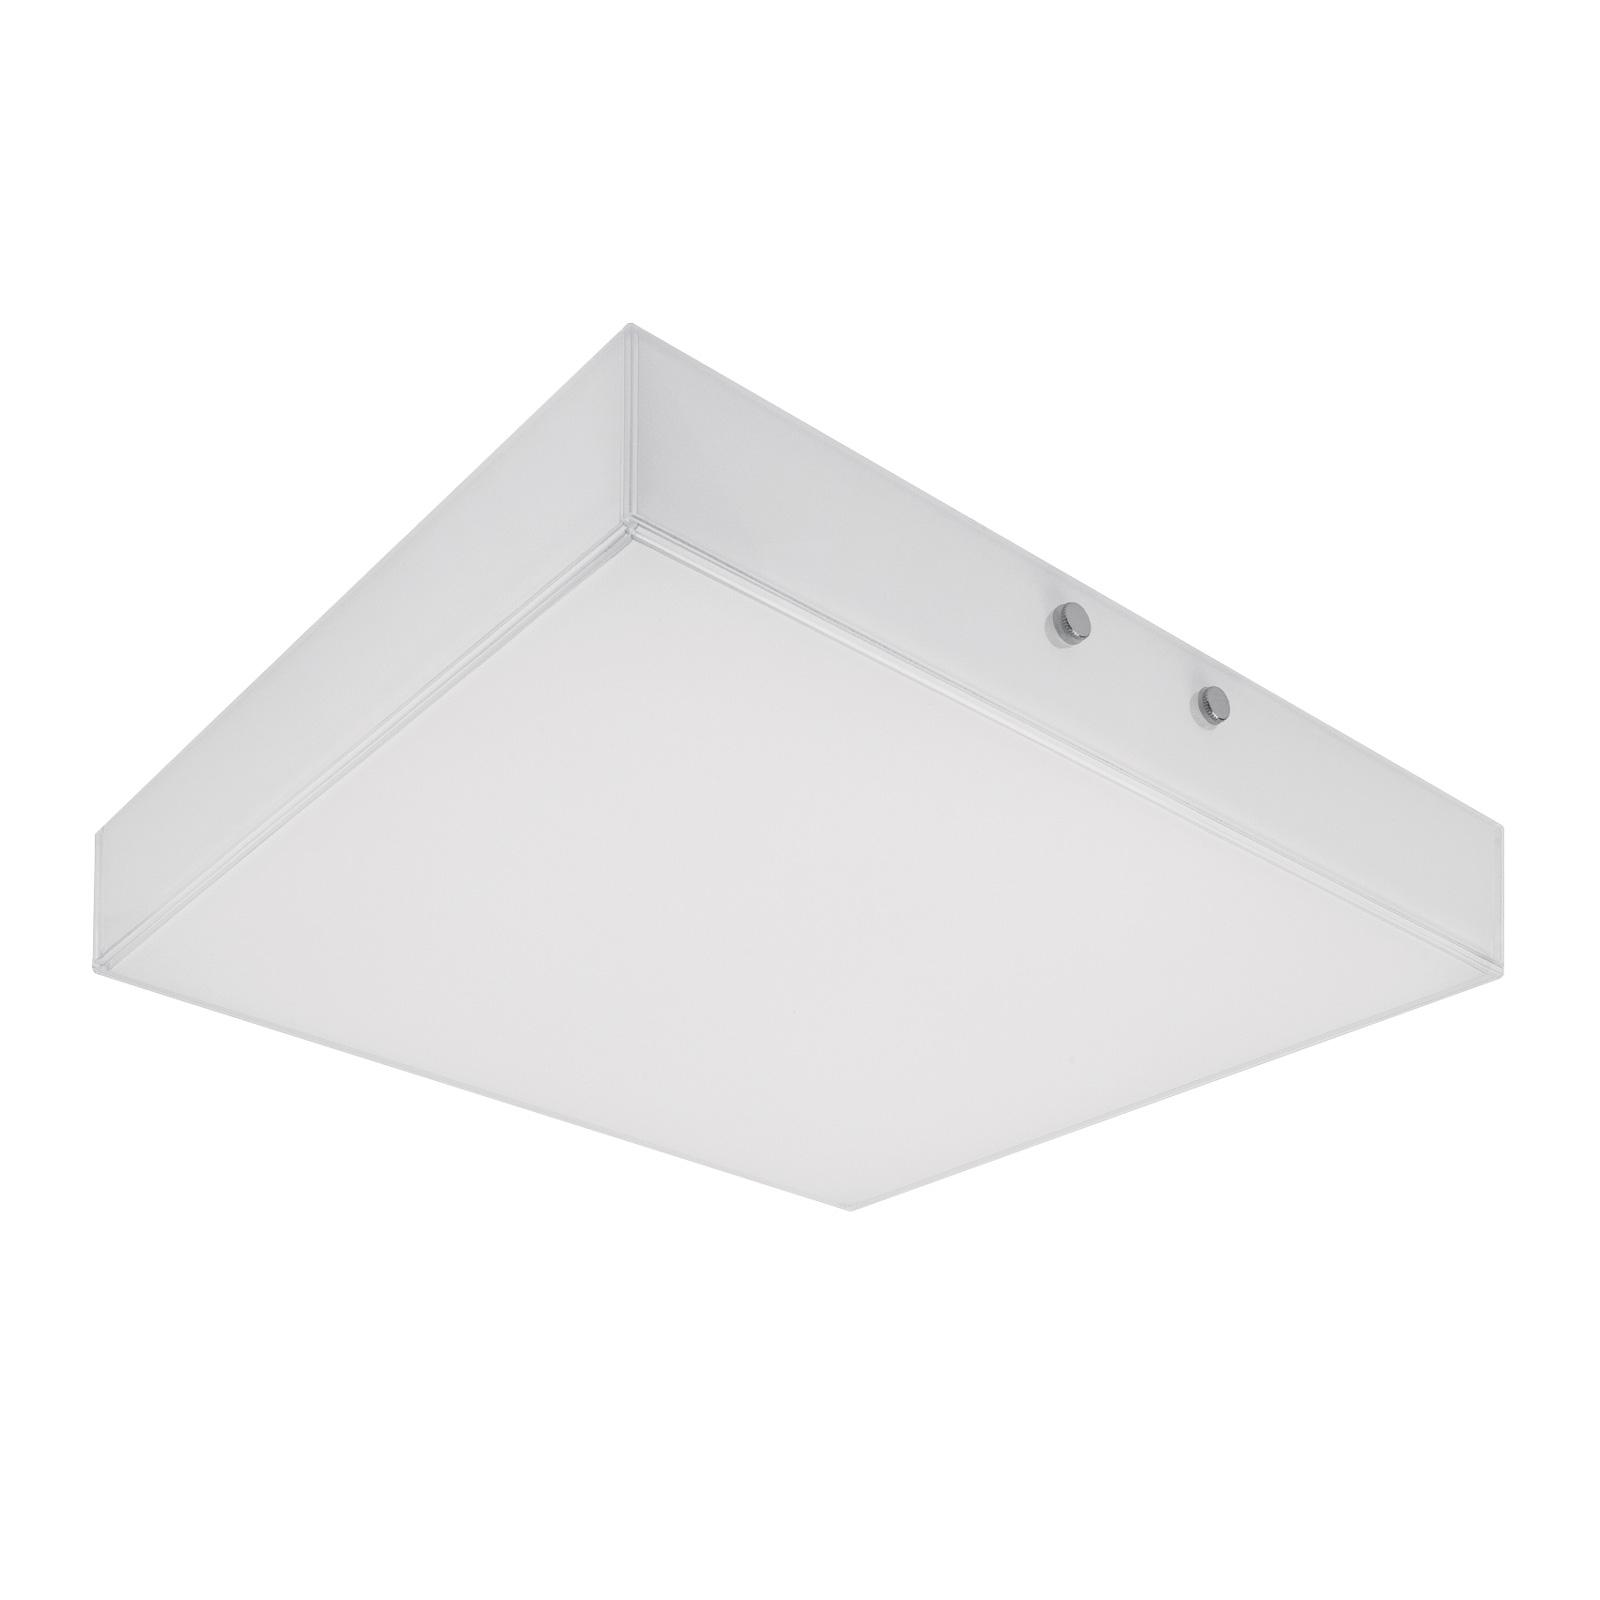 LEDVANCE Lunive Quadro -kattolamppu 30 cm 3 000 K